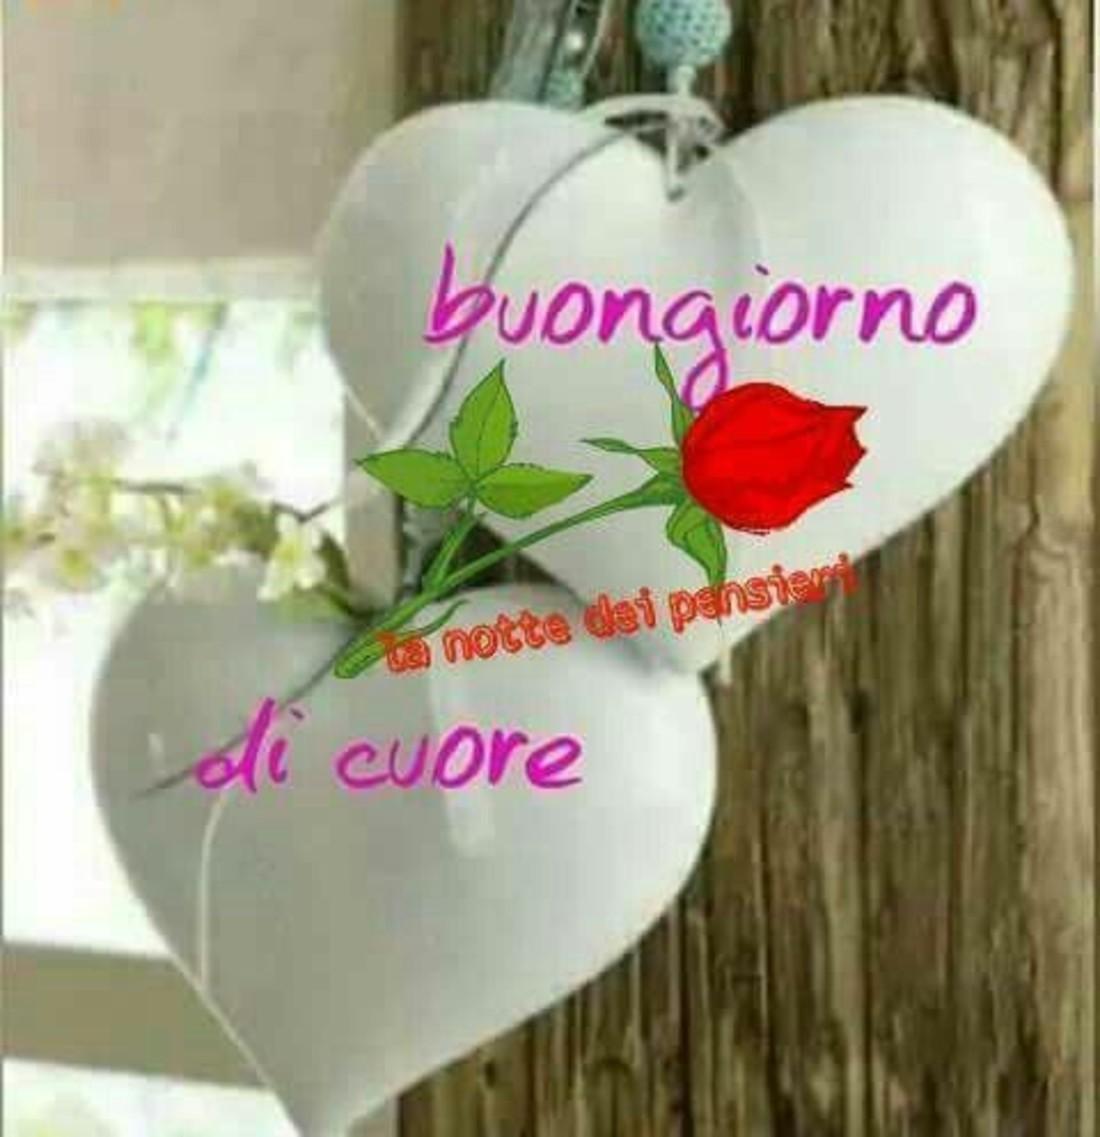 Buongiorno amore mio bellissime immagini 7 archives for Immagini bellissime buongiorno